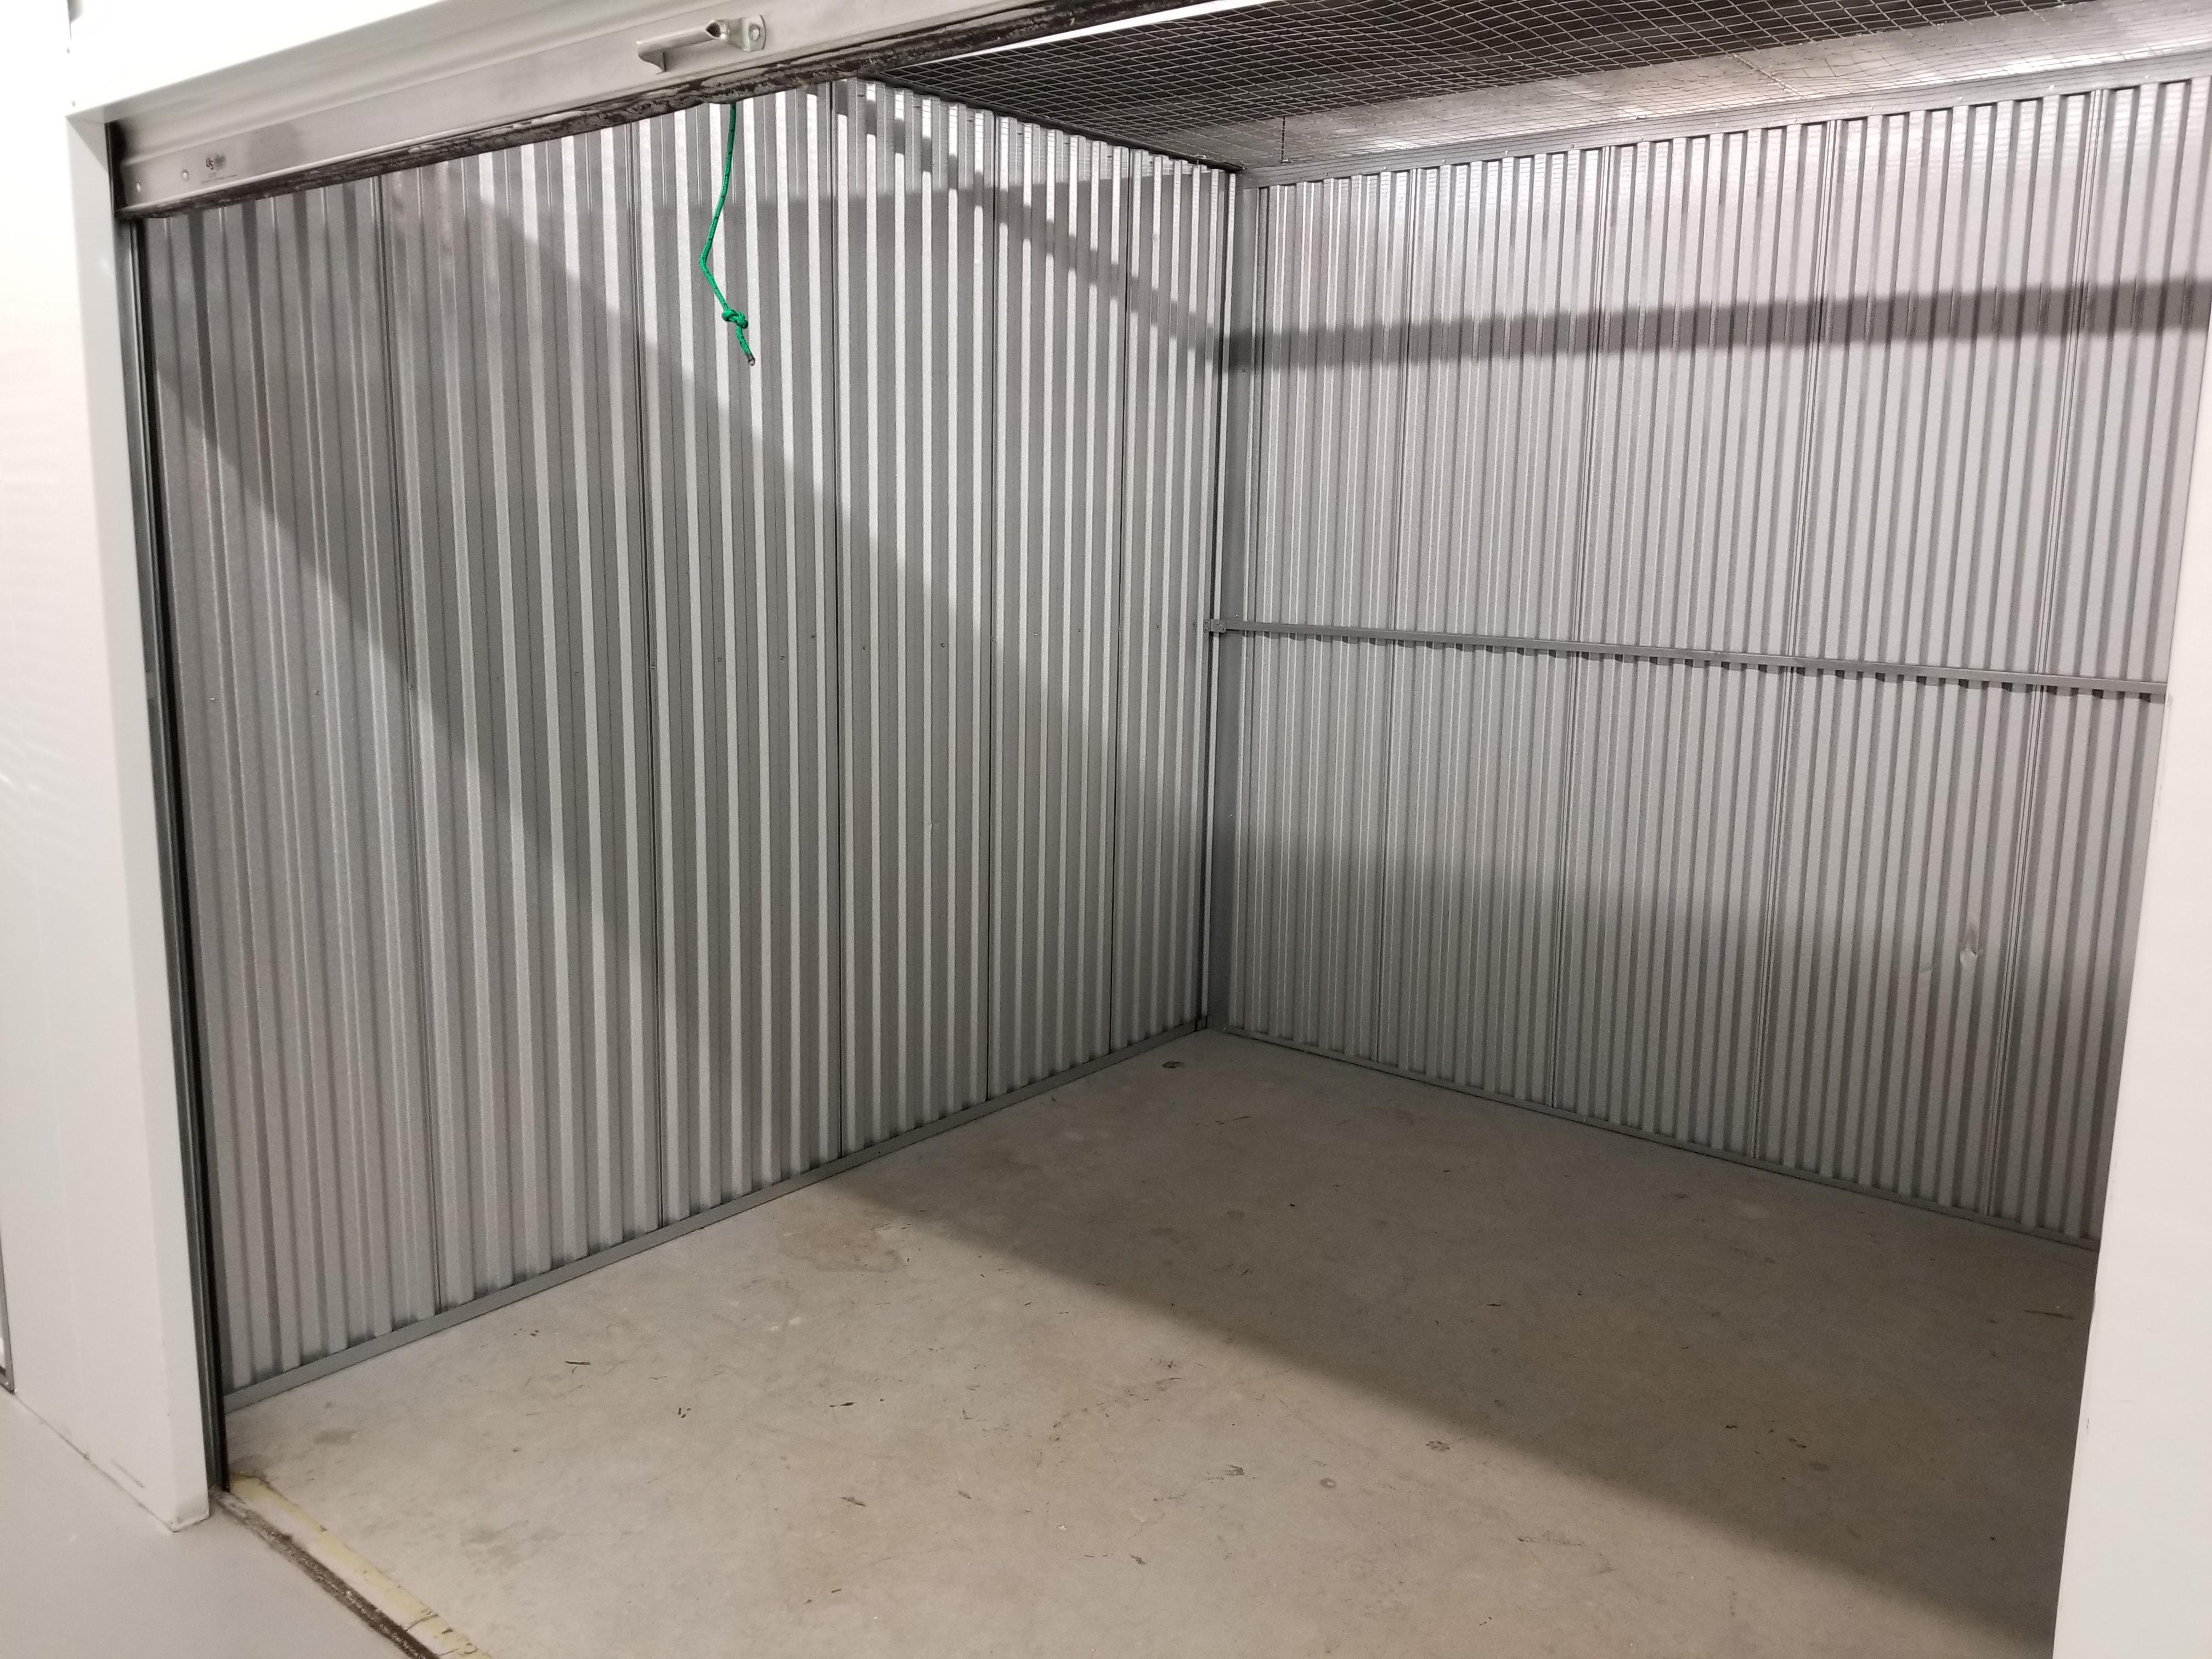 self-storage facility & SmartStop Self Storage - Self-Storage Facility - Boynton Beach FL 33435